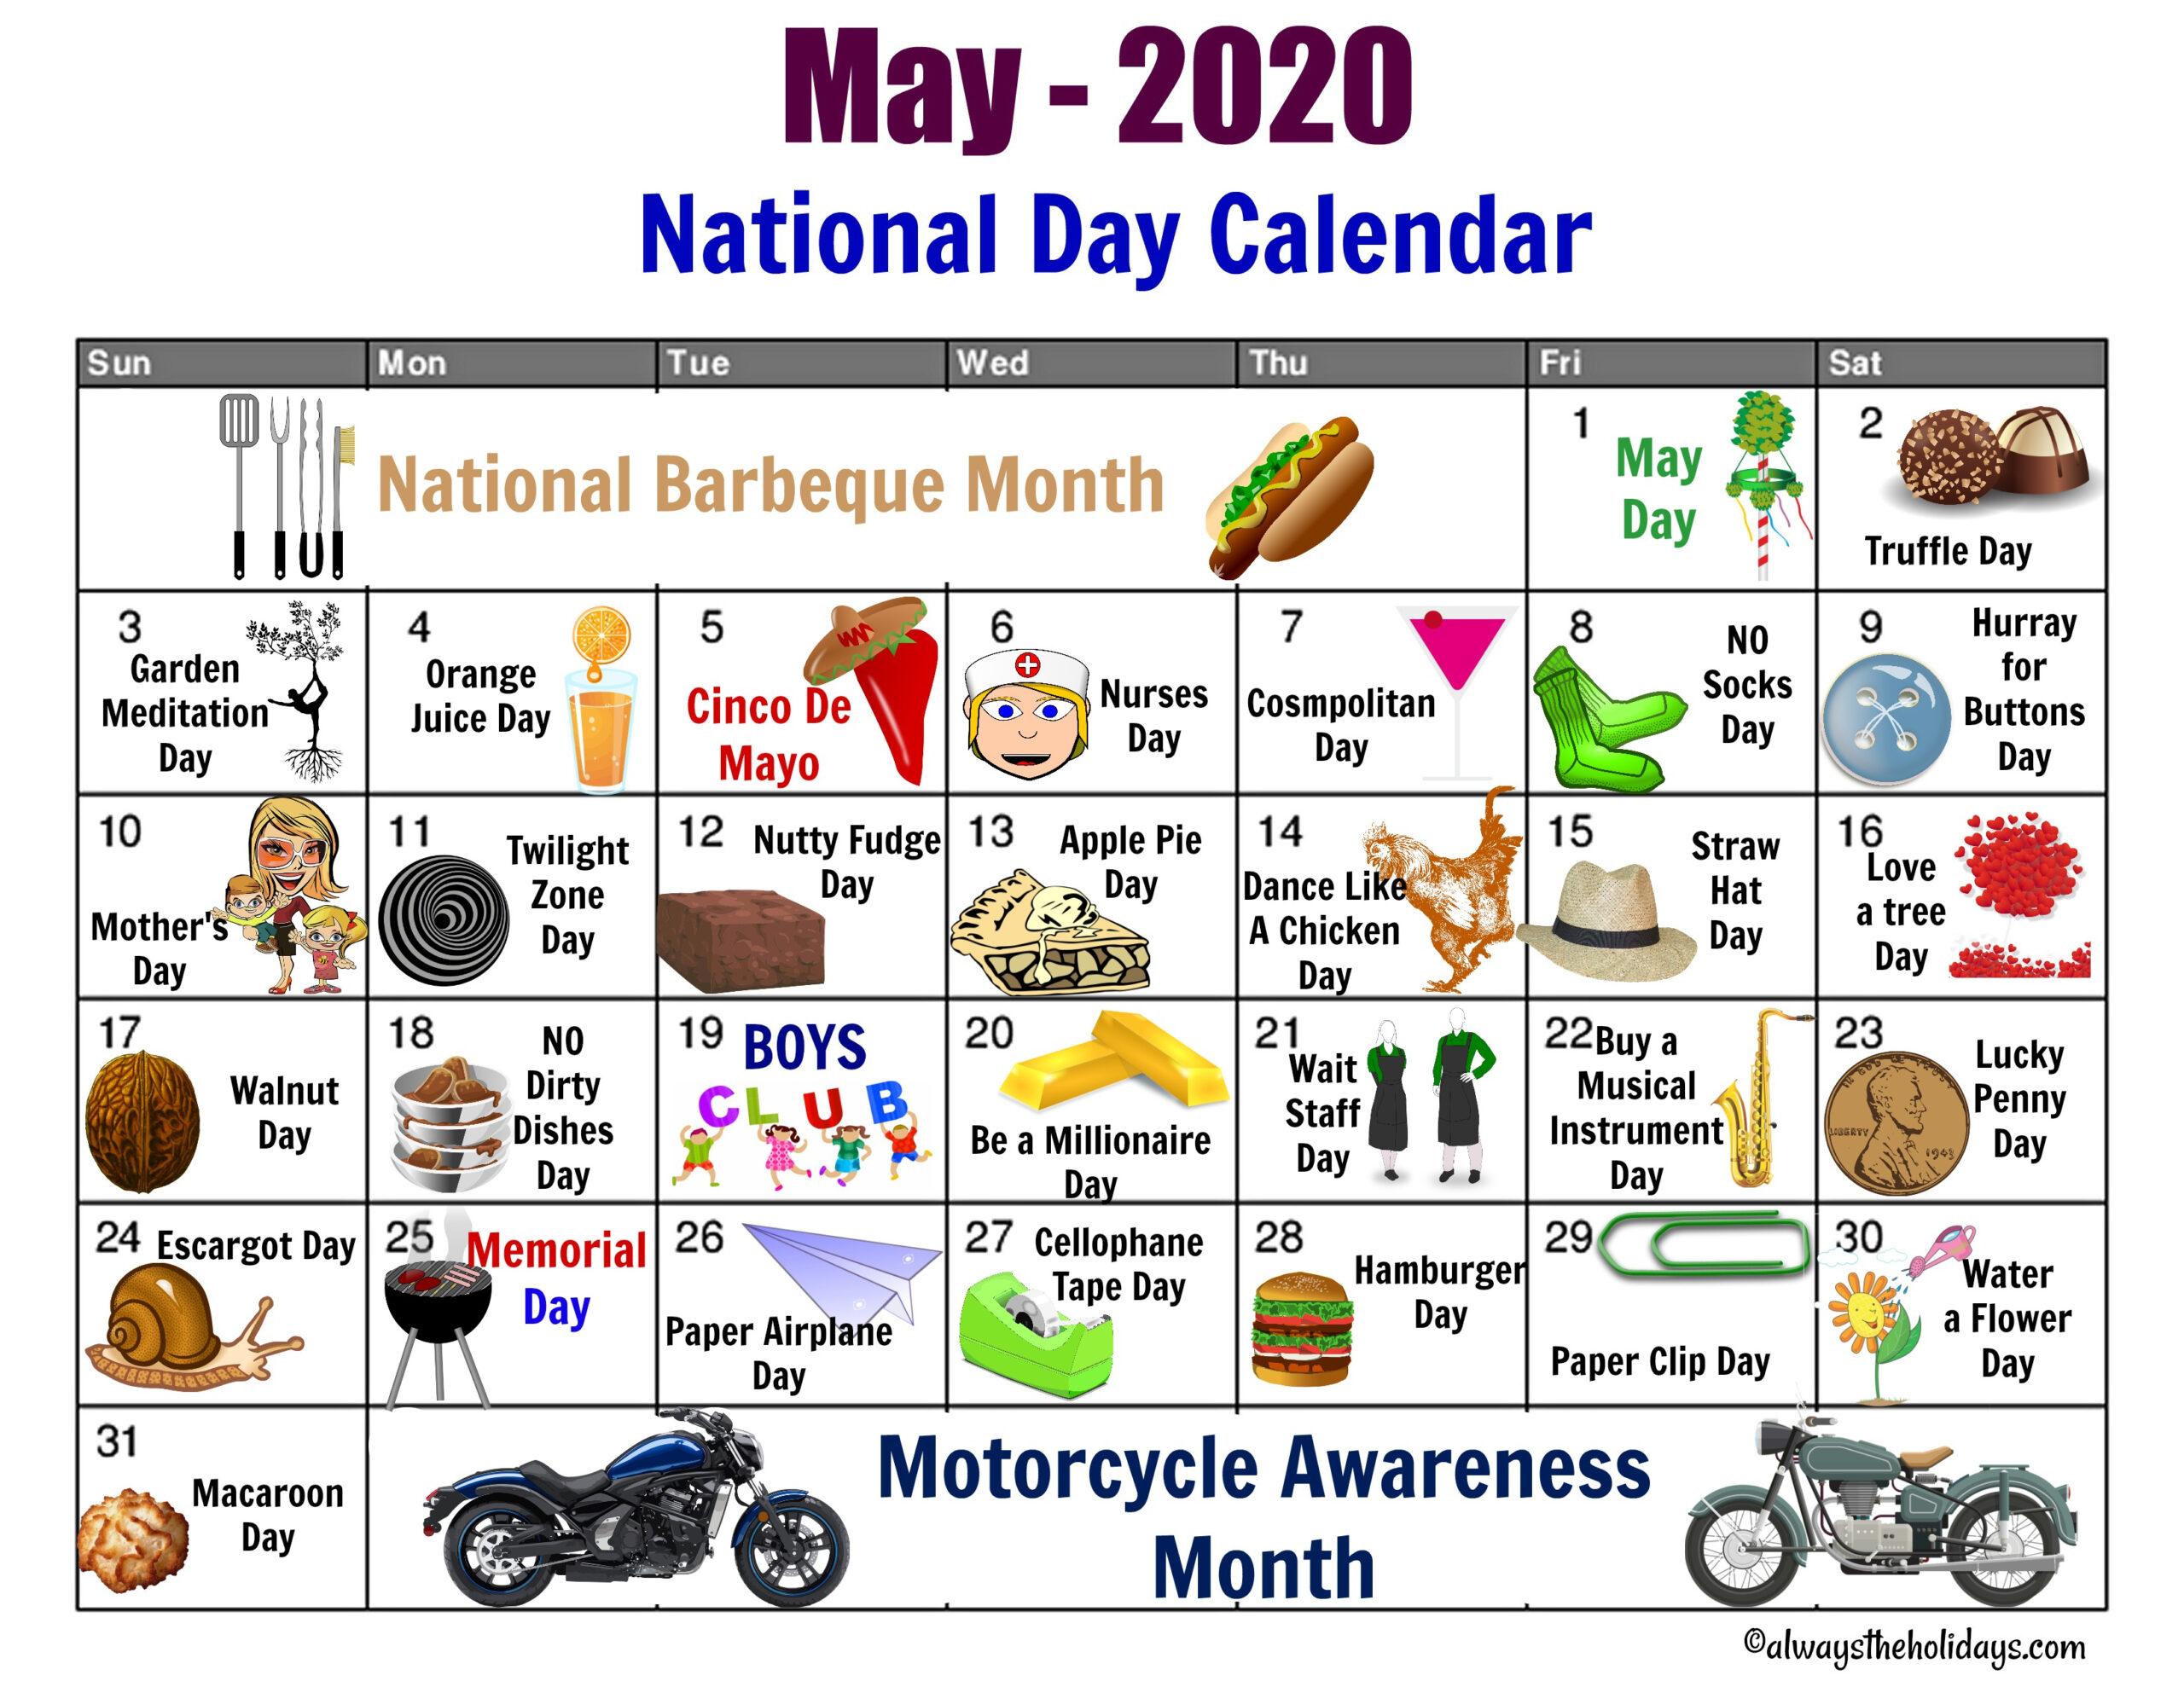 Free November Holiday National Food Holiday Printout 2021